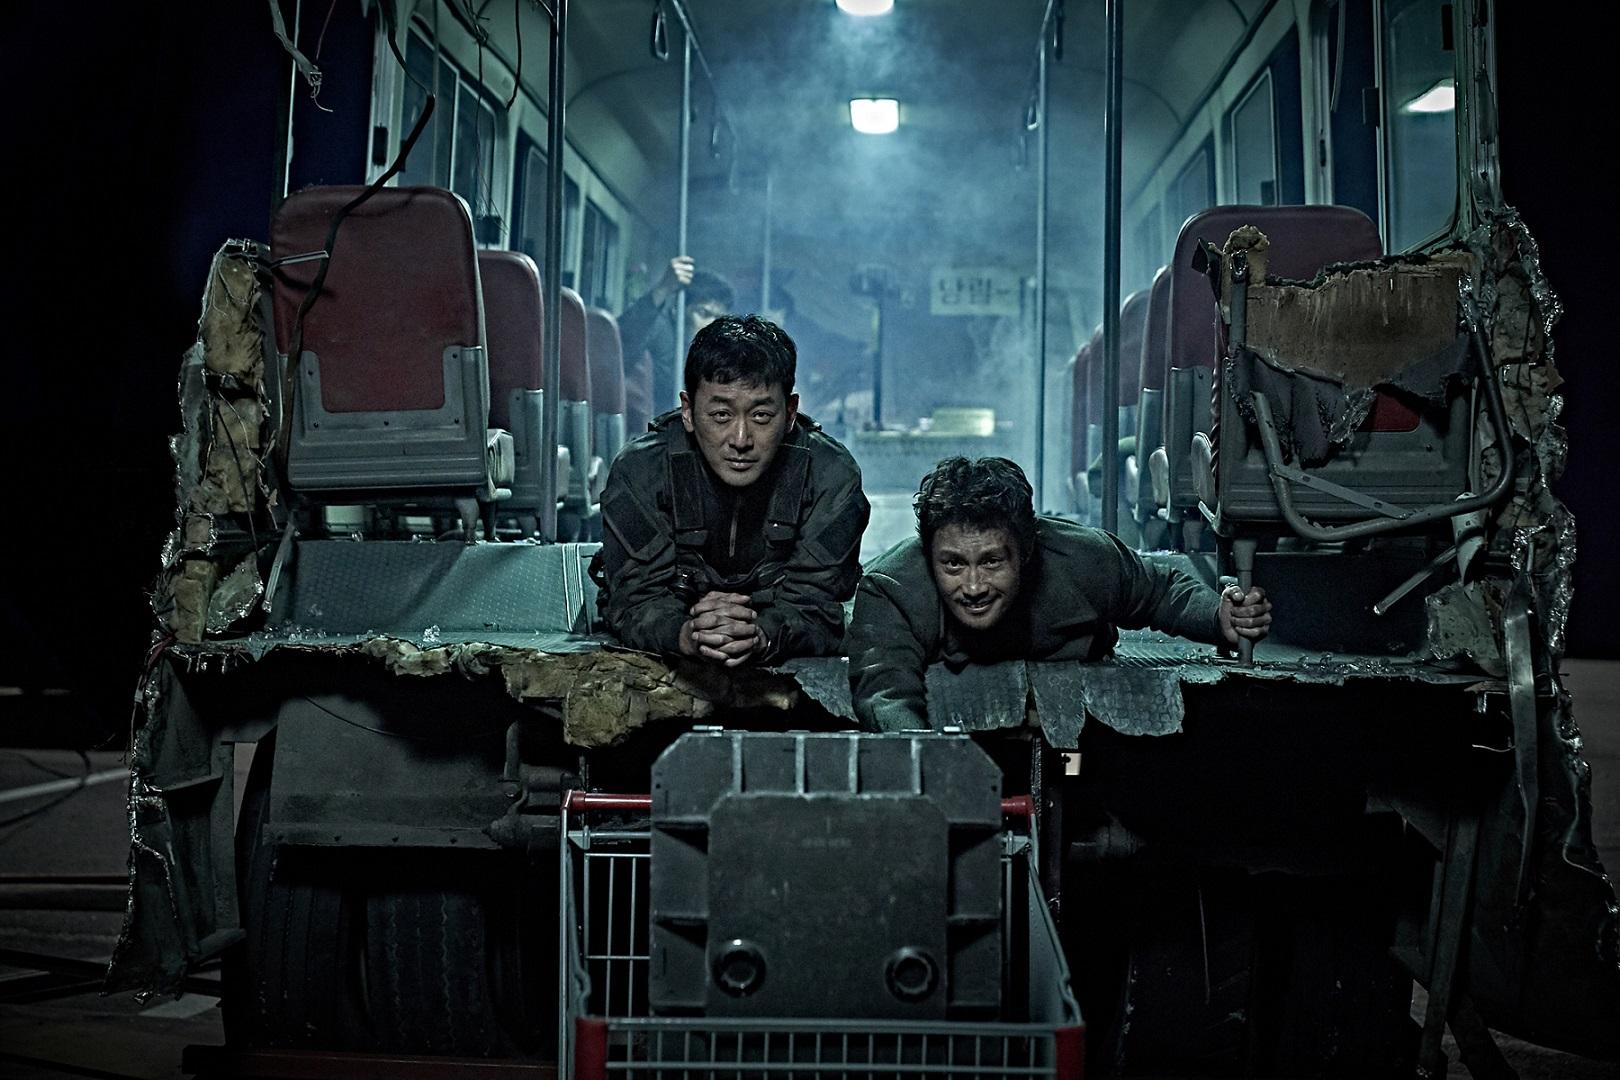 河正宇、李炳憲、馬東石三強夢幻共演年度壓軸最強作品